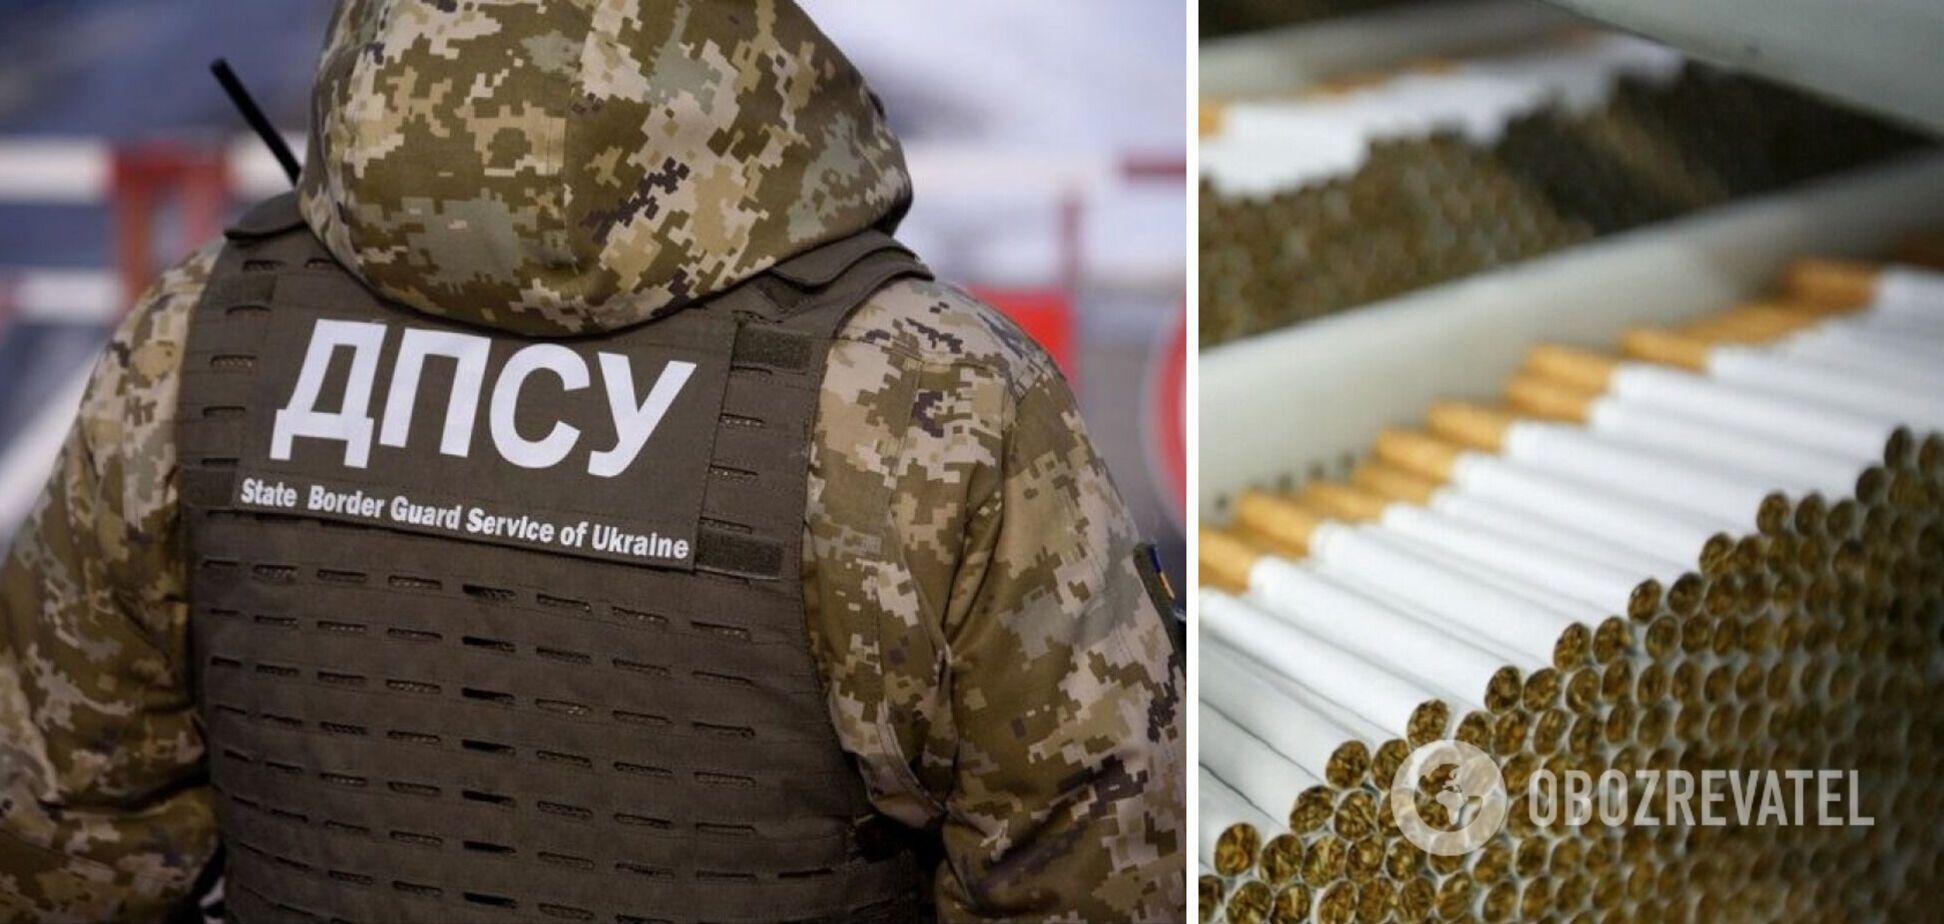 На українців в аеропортах без їхньої згоди оформляють десятки блоків сигарет: журналіст розкрив схему контрабанди